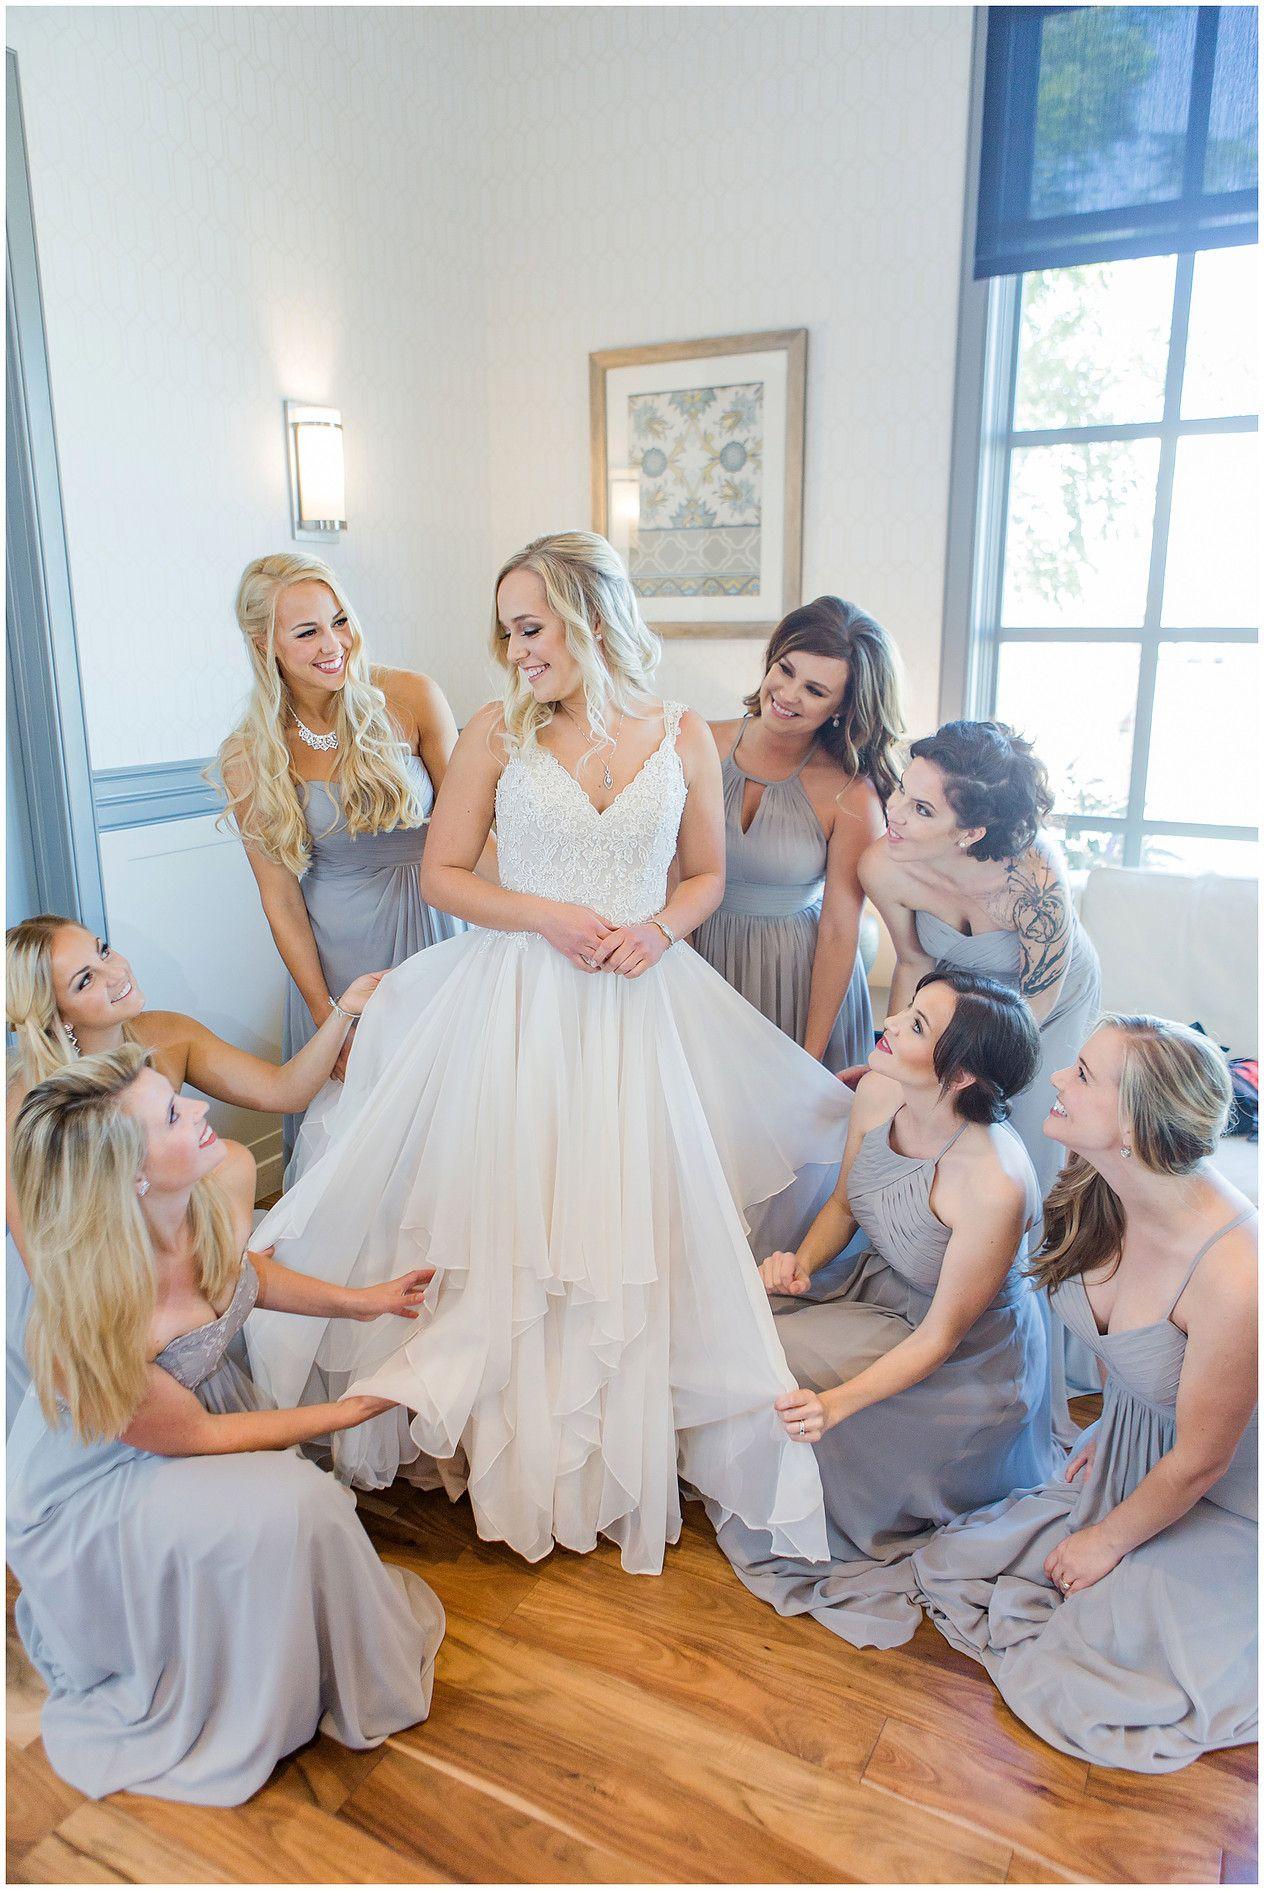 Tolle Brautkleider Albuquerque Fotos - Brautkleider Ideen - cashingy ...